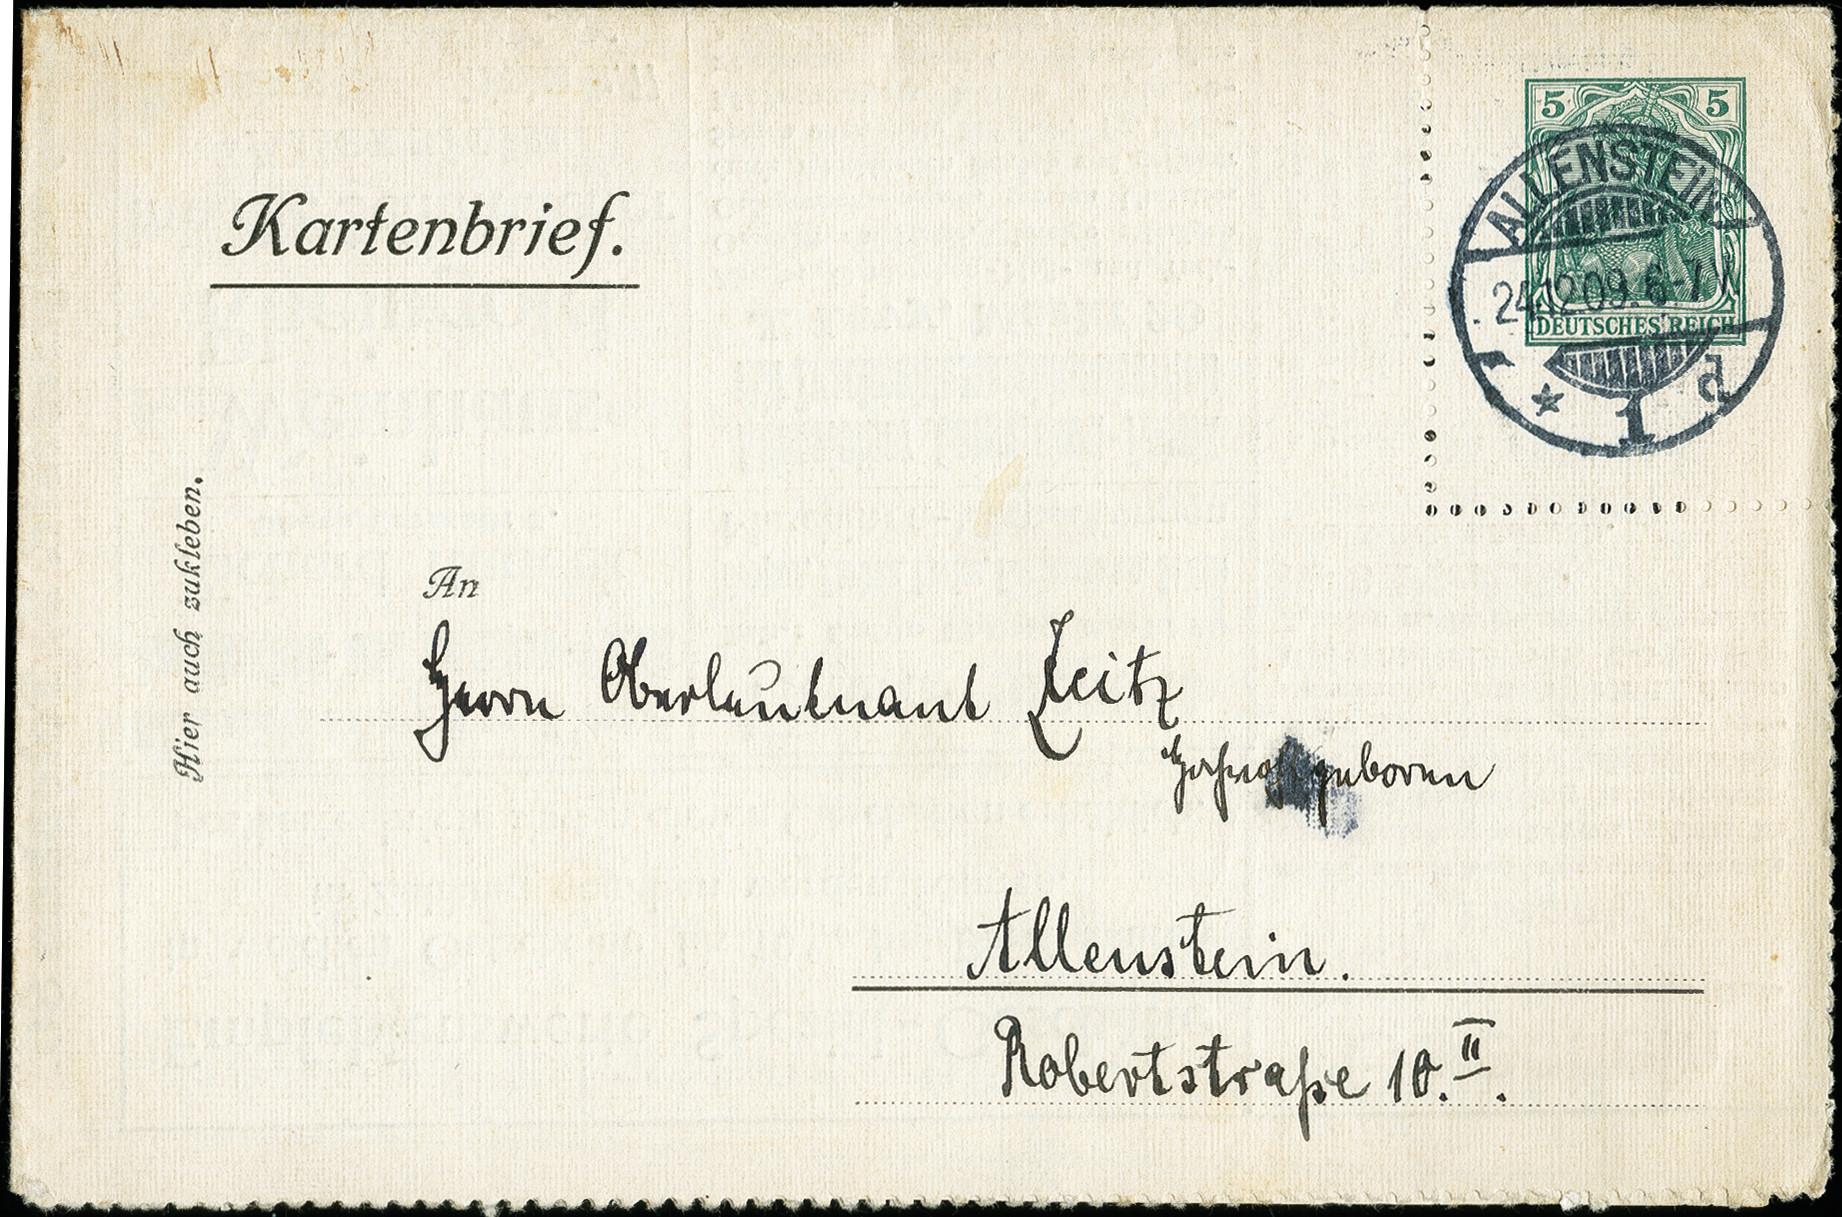 Lot 2793 - German Empire Deutsches Reich - Privat-Ganzsachen -  Heinrich Koehler Auktionen 373rd Heinrich Köhler auction - Day 5